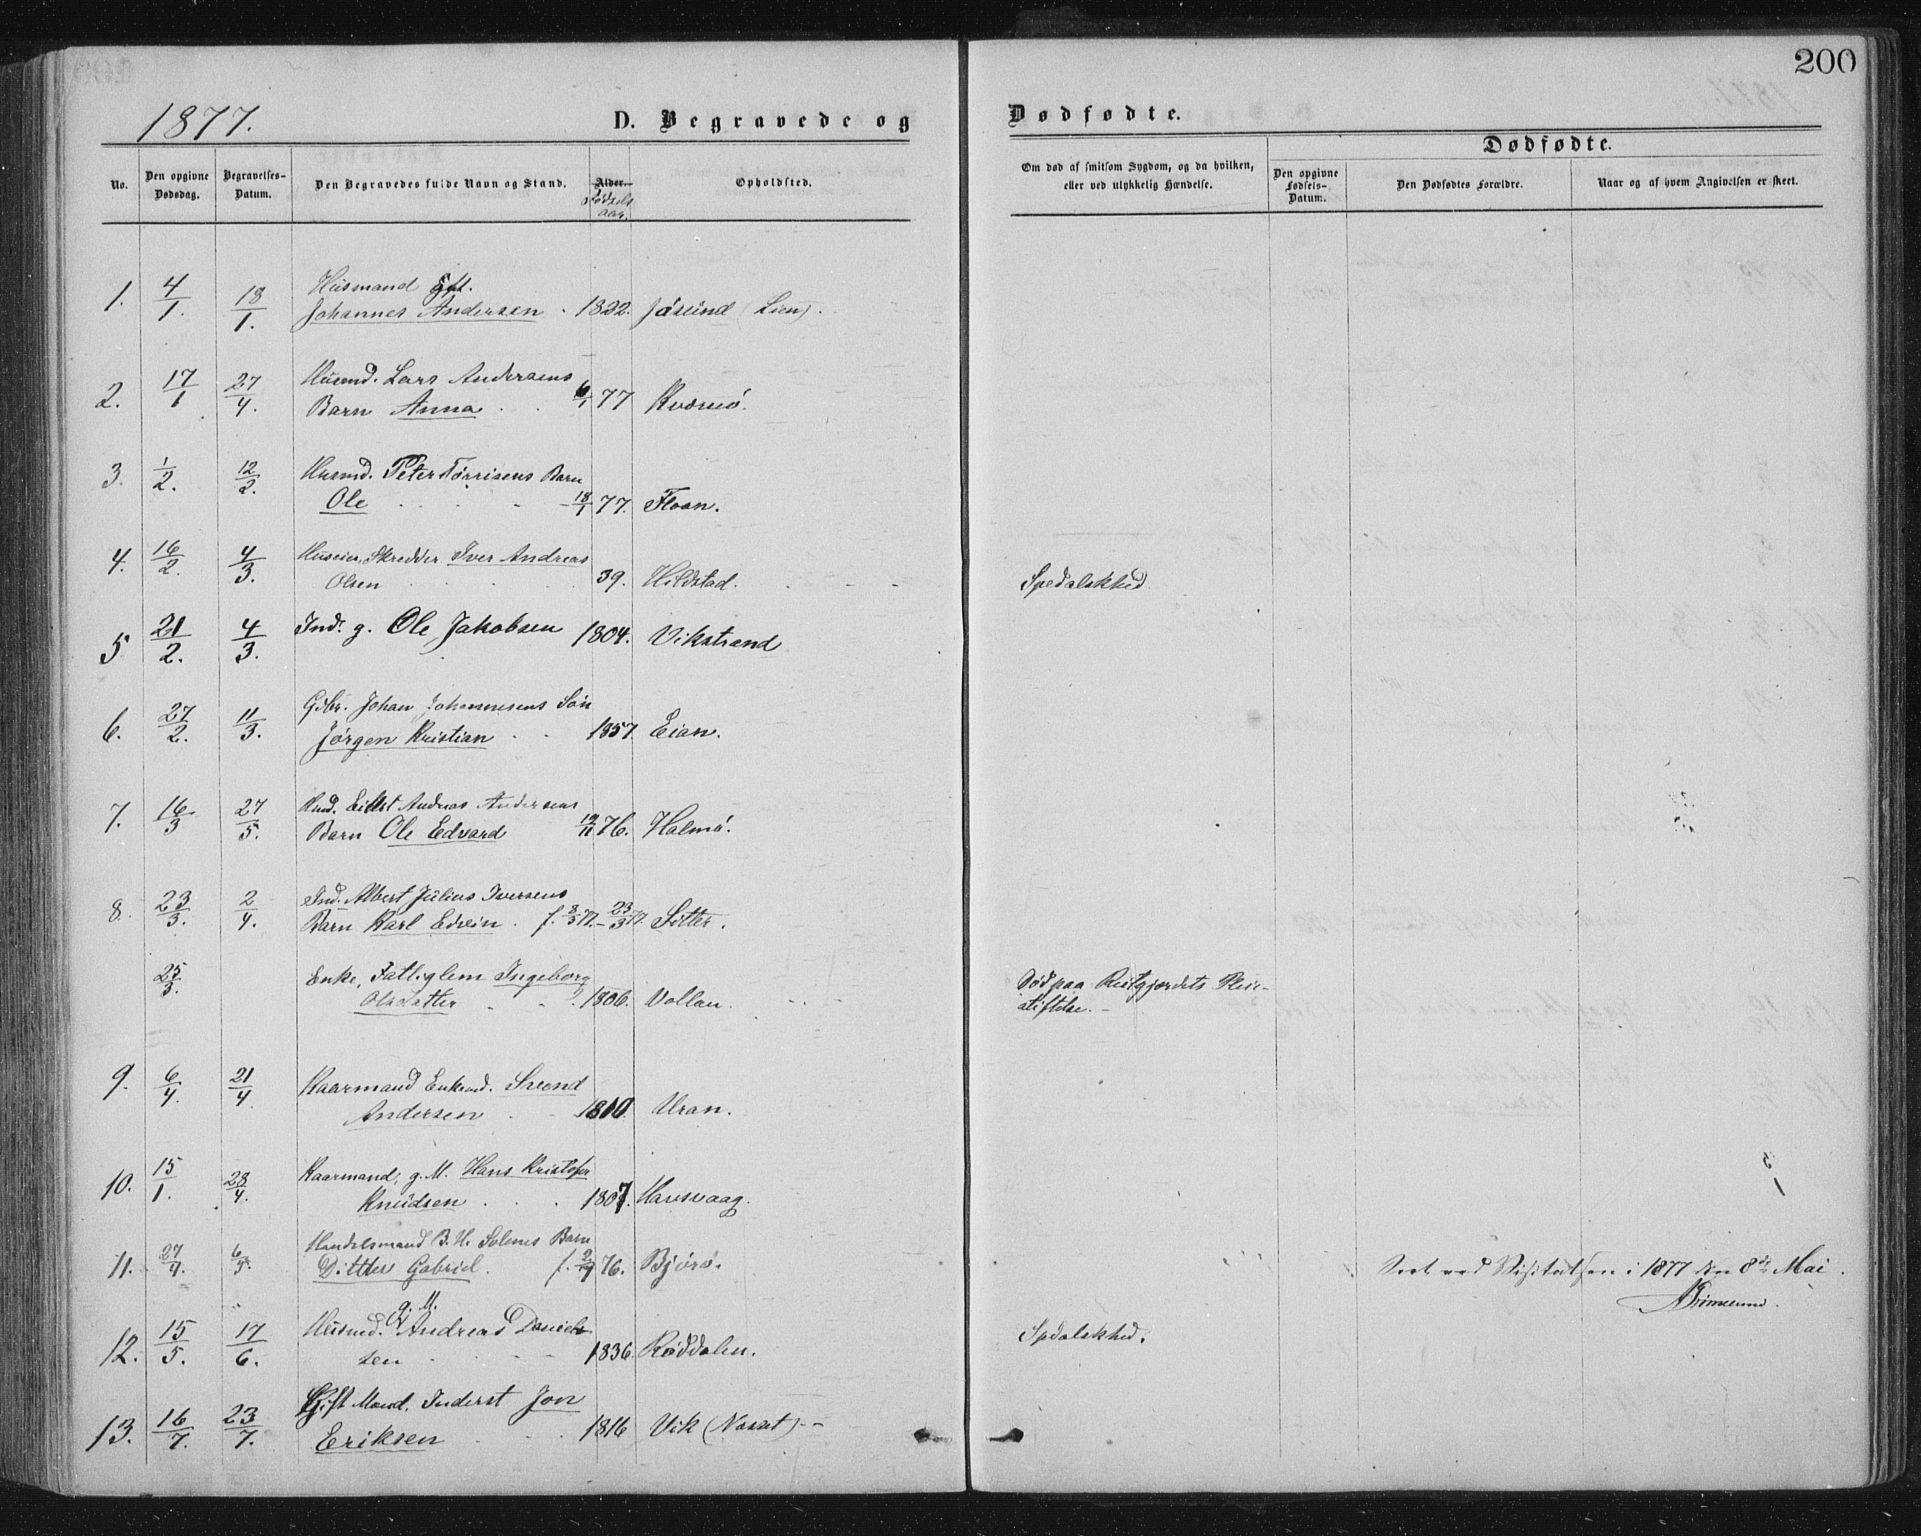 SAT, Ministerialprotokoller, klokkerbøker og fødselsregistre - Nord-Trøndelag, 771/L0596: Ministerialbok nr. 771A03, 1870-1884, s. 200